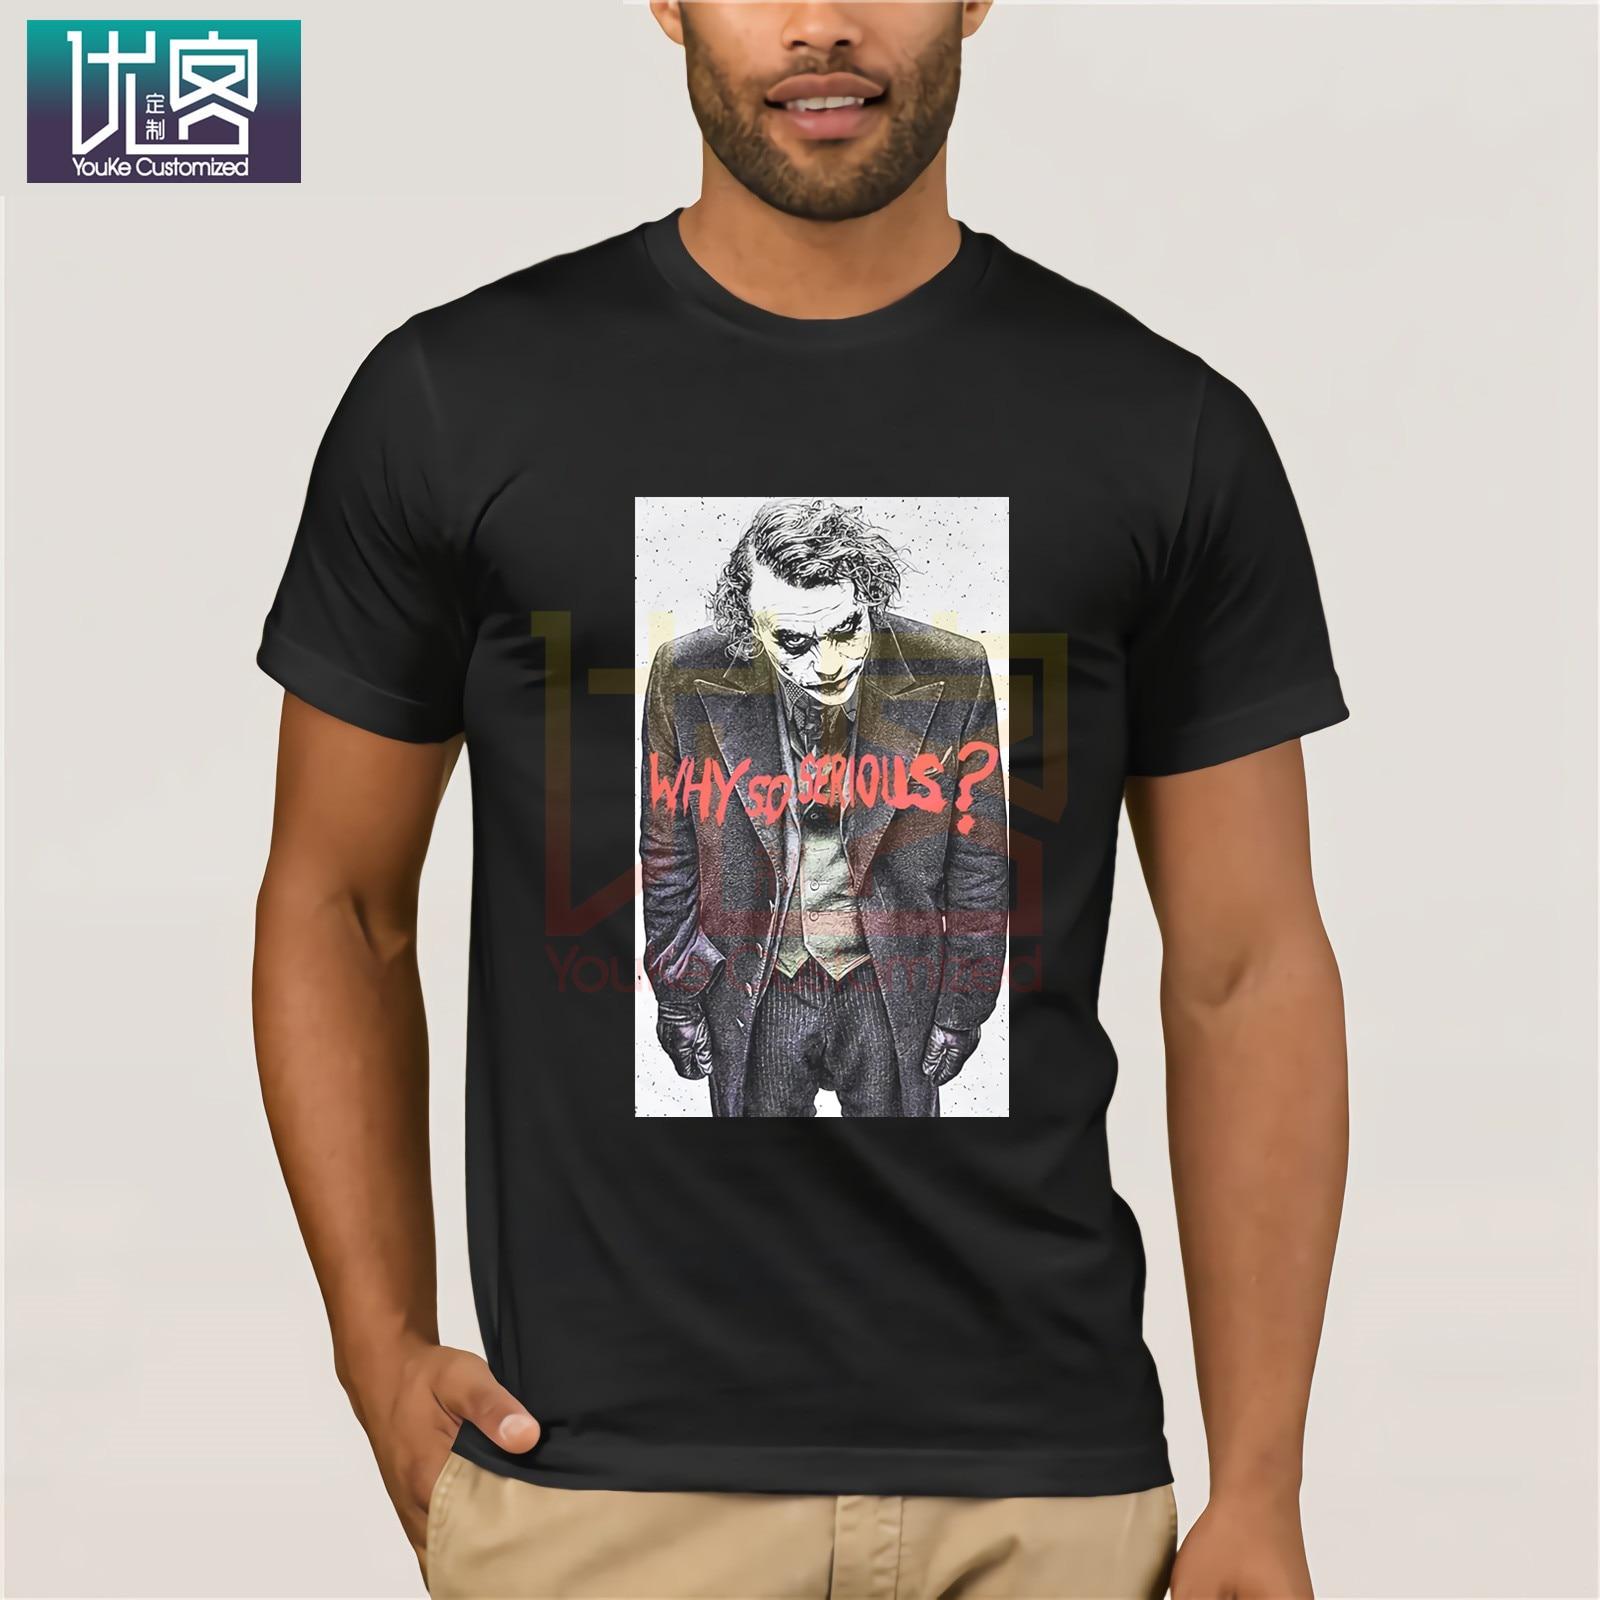 JOKER camiseta BATMAN para hombre por qué tan serio LOGO PRIMARK algodón camiseta ropa actual Popular camiseta cuello redondo 100% camisetas de algodón